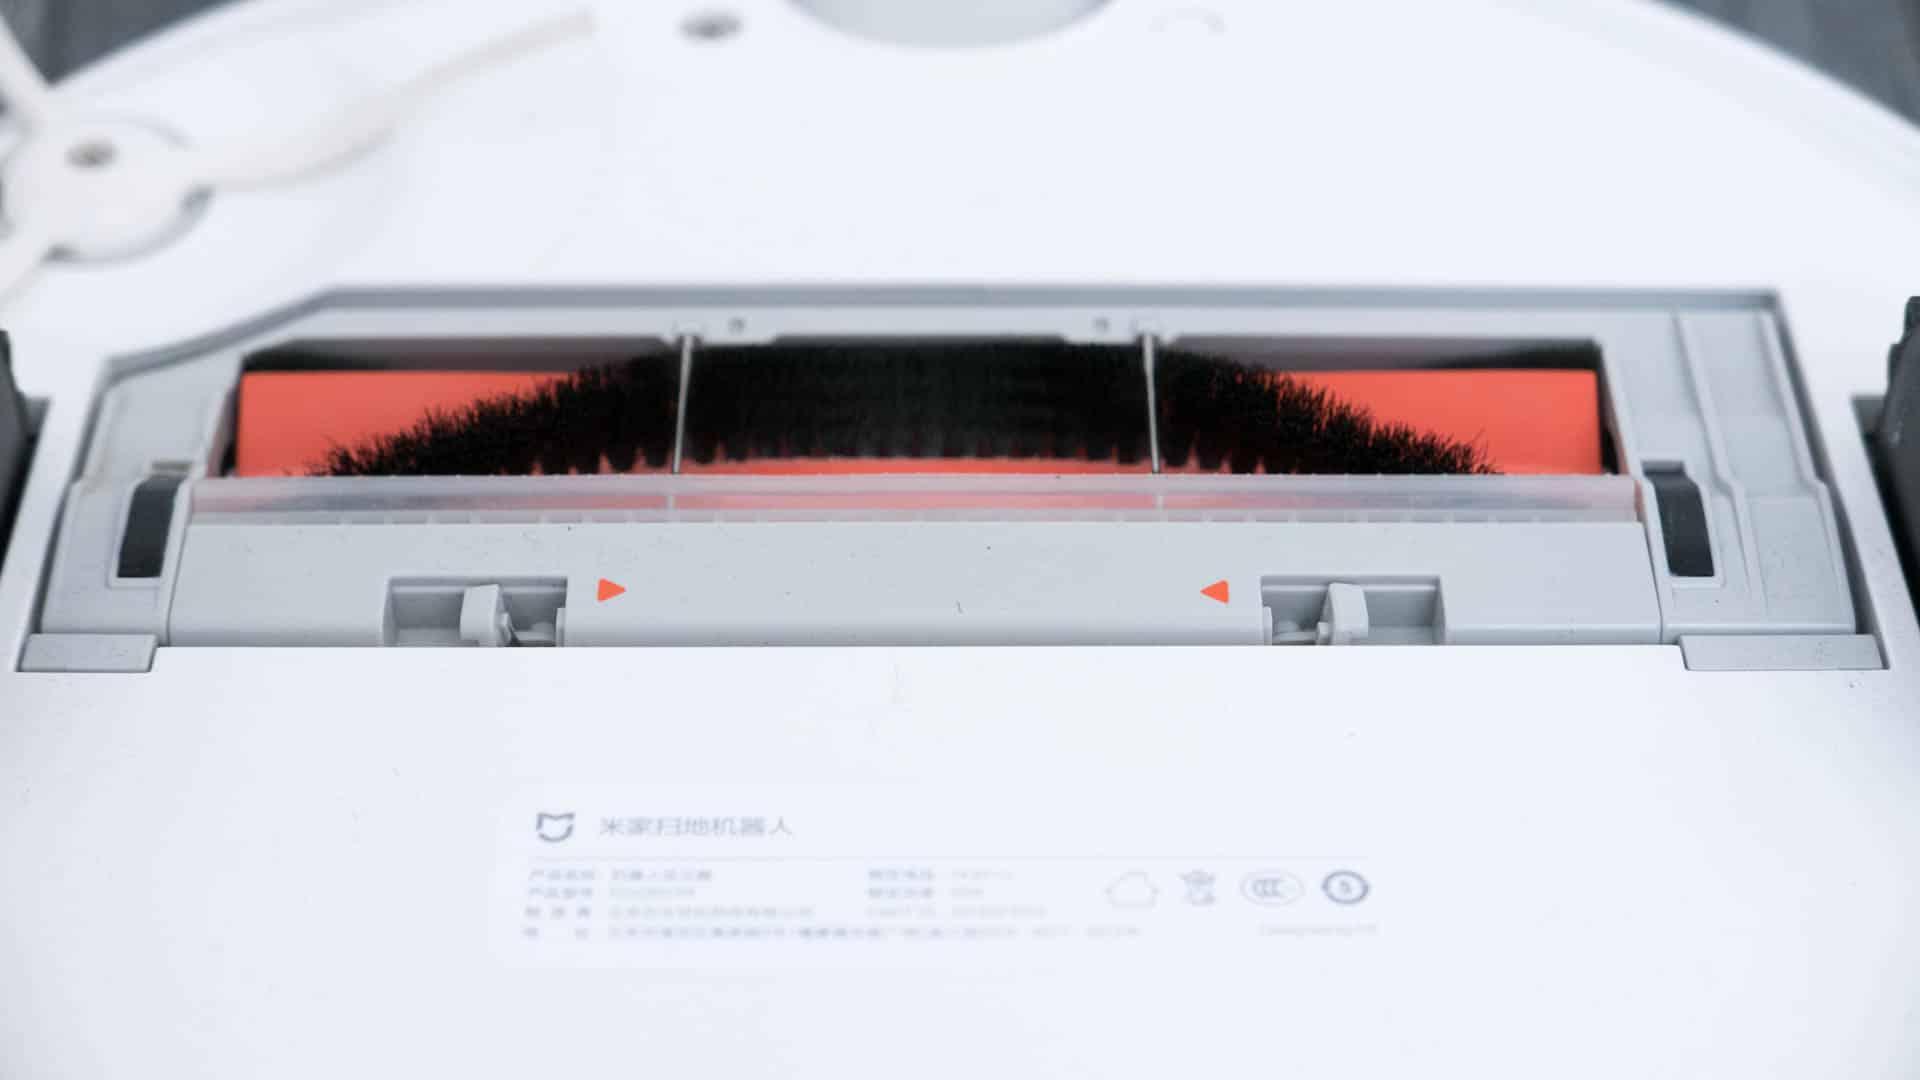 Xiaomi-Mi-Staubsauger-Roboter-im-Test-Bürste